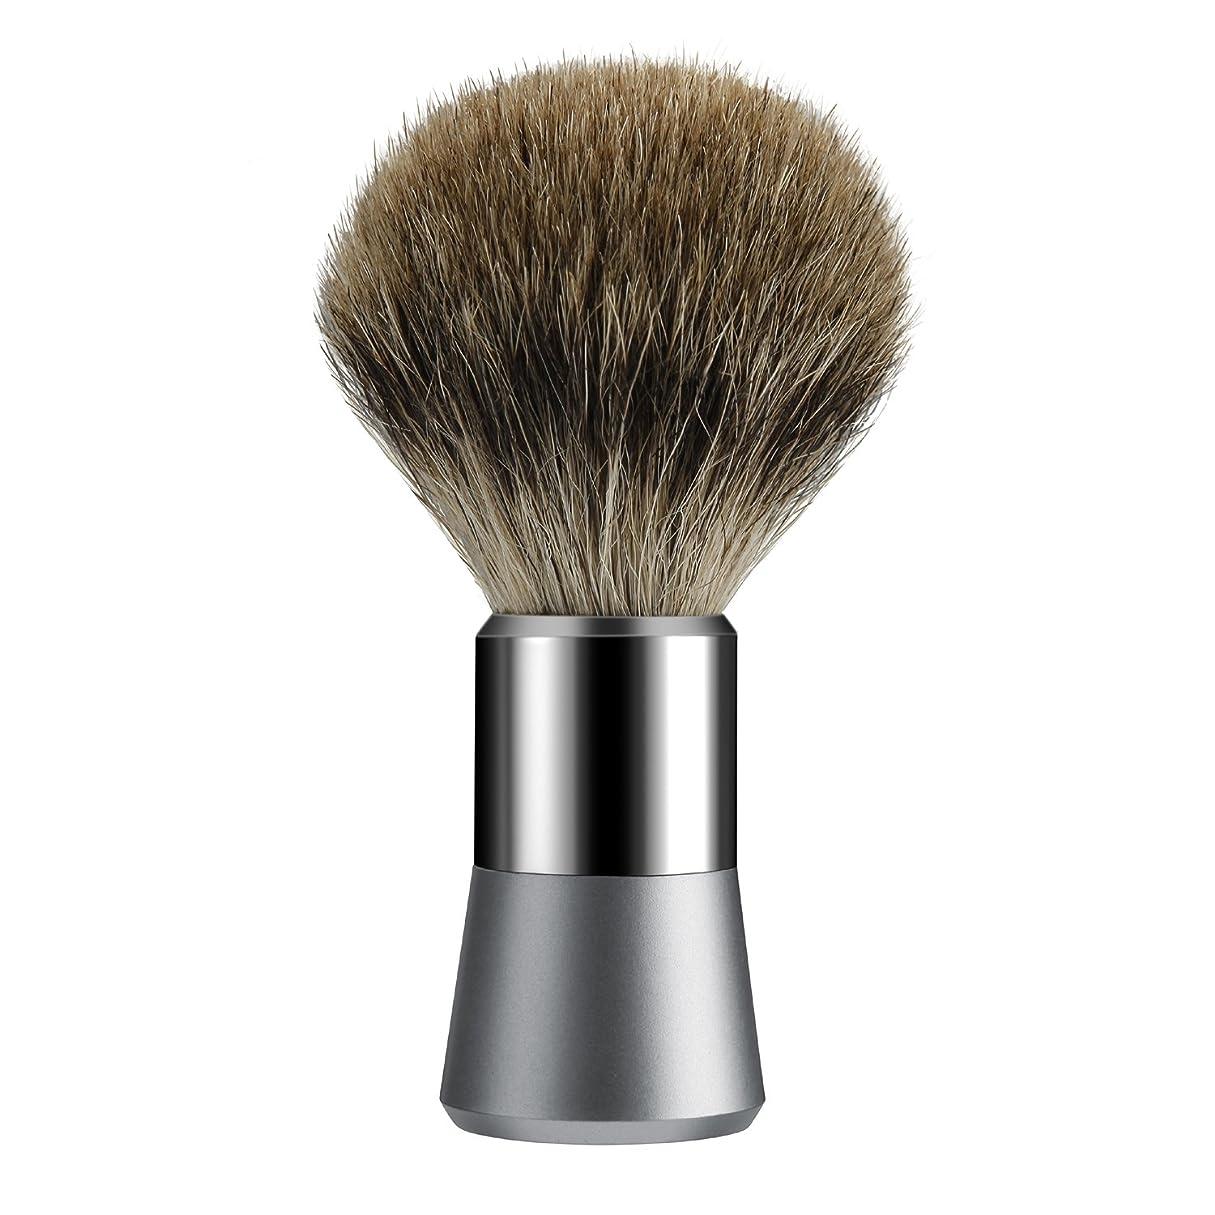 スカウト思いやりのある現金Tezam シェービング ブラシ, シェービングブラシ アナグマの毛 100%, クロームハンドル